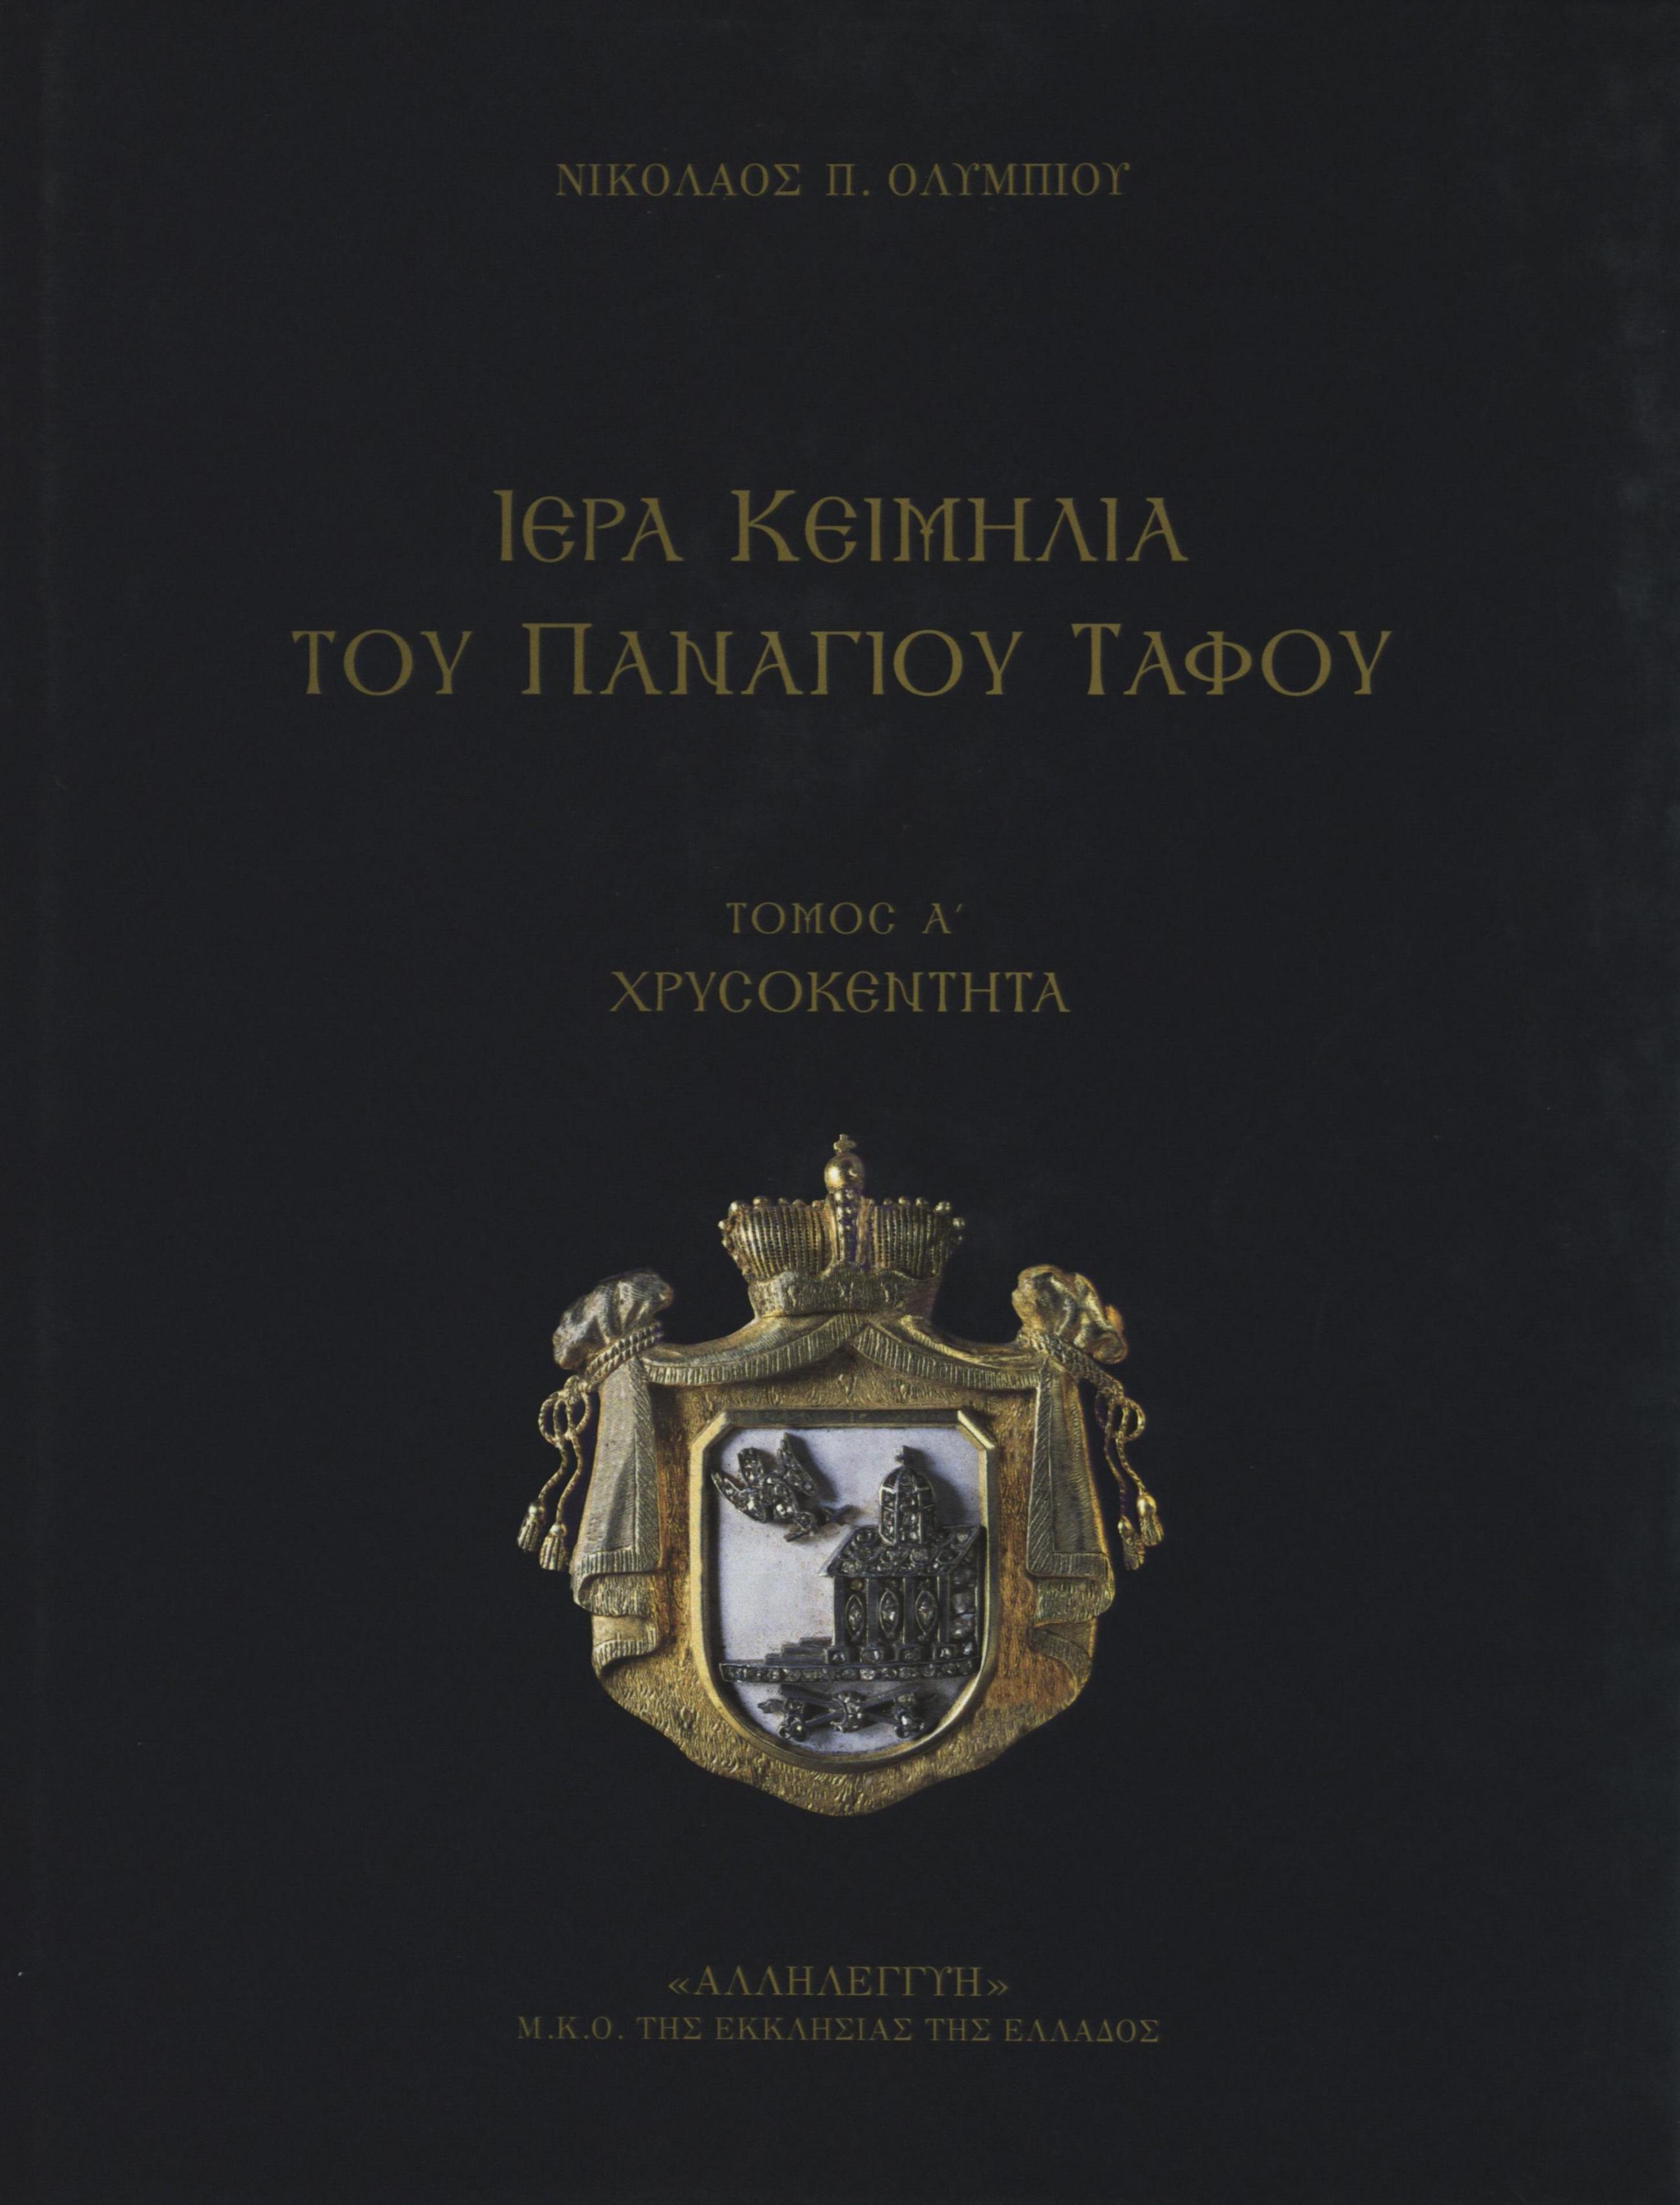 Ιερά κειμήλια του Πανάγιου Τάφου Α & Β τόμος